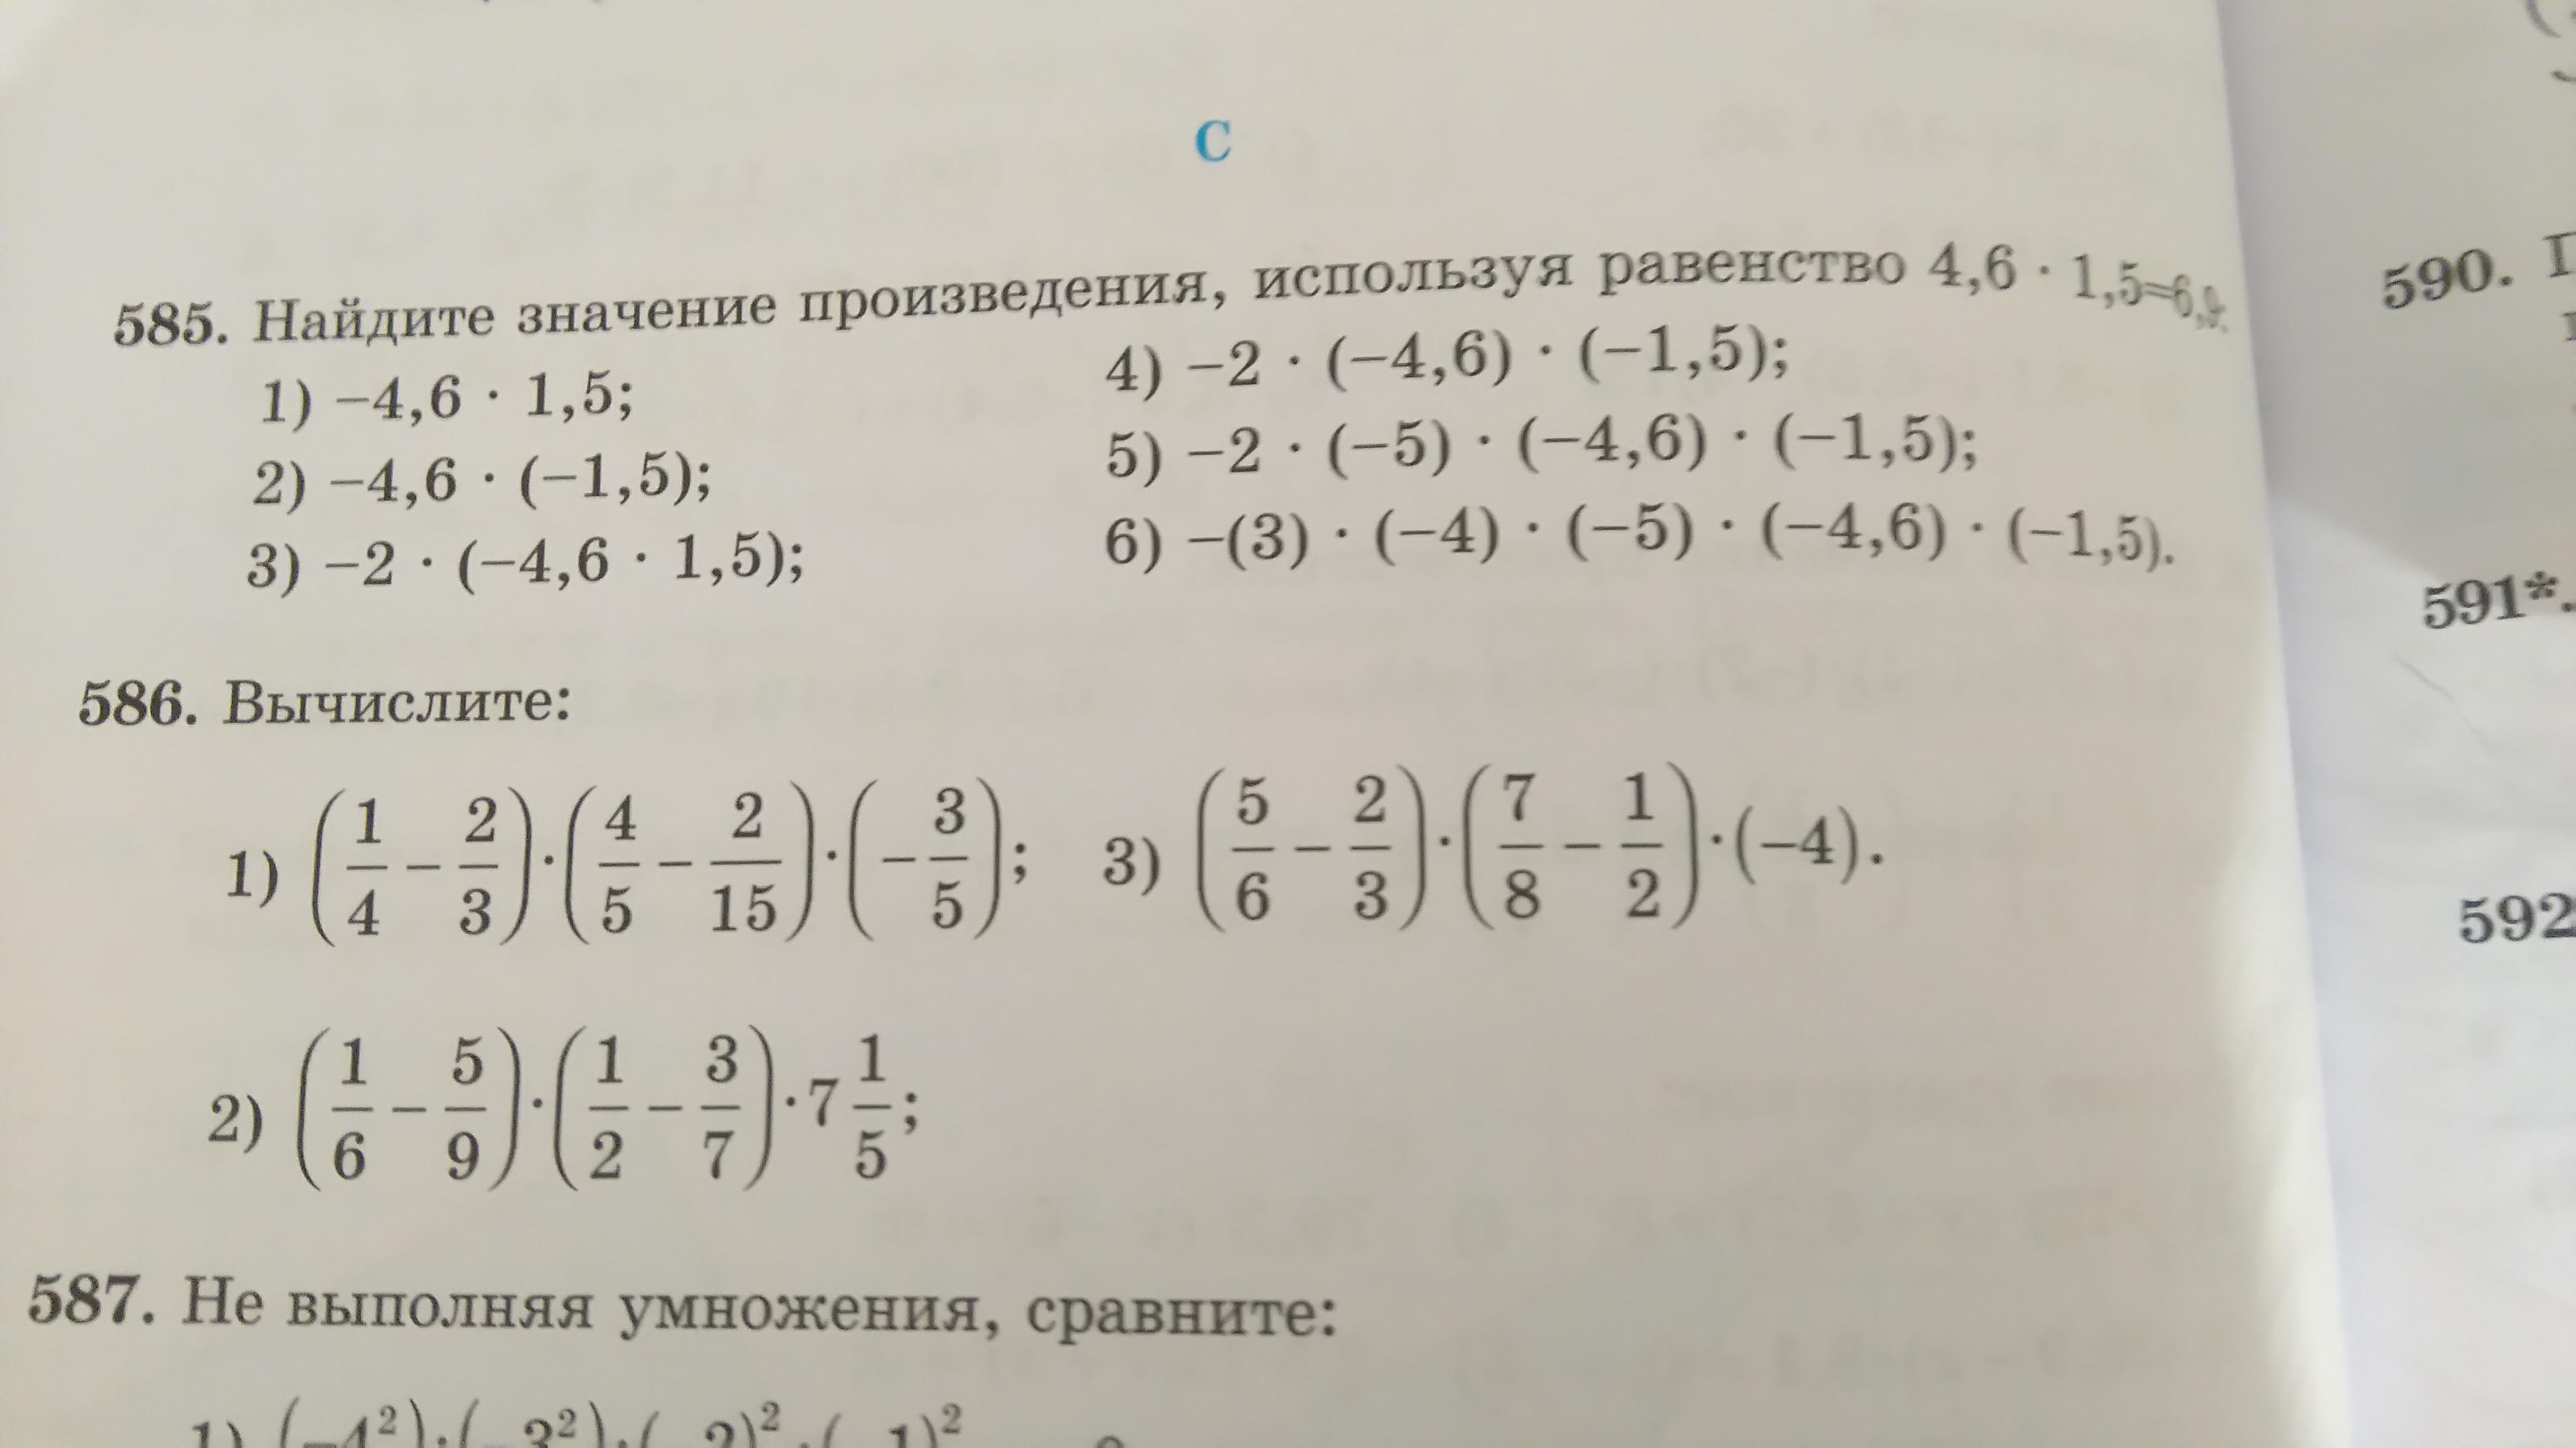 номер 585, пожалуйста решите!!! я не поняла задание!!! перед тем, как решить, прочитайте задание!!!